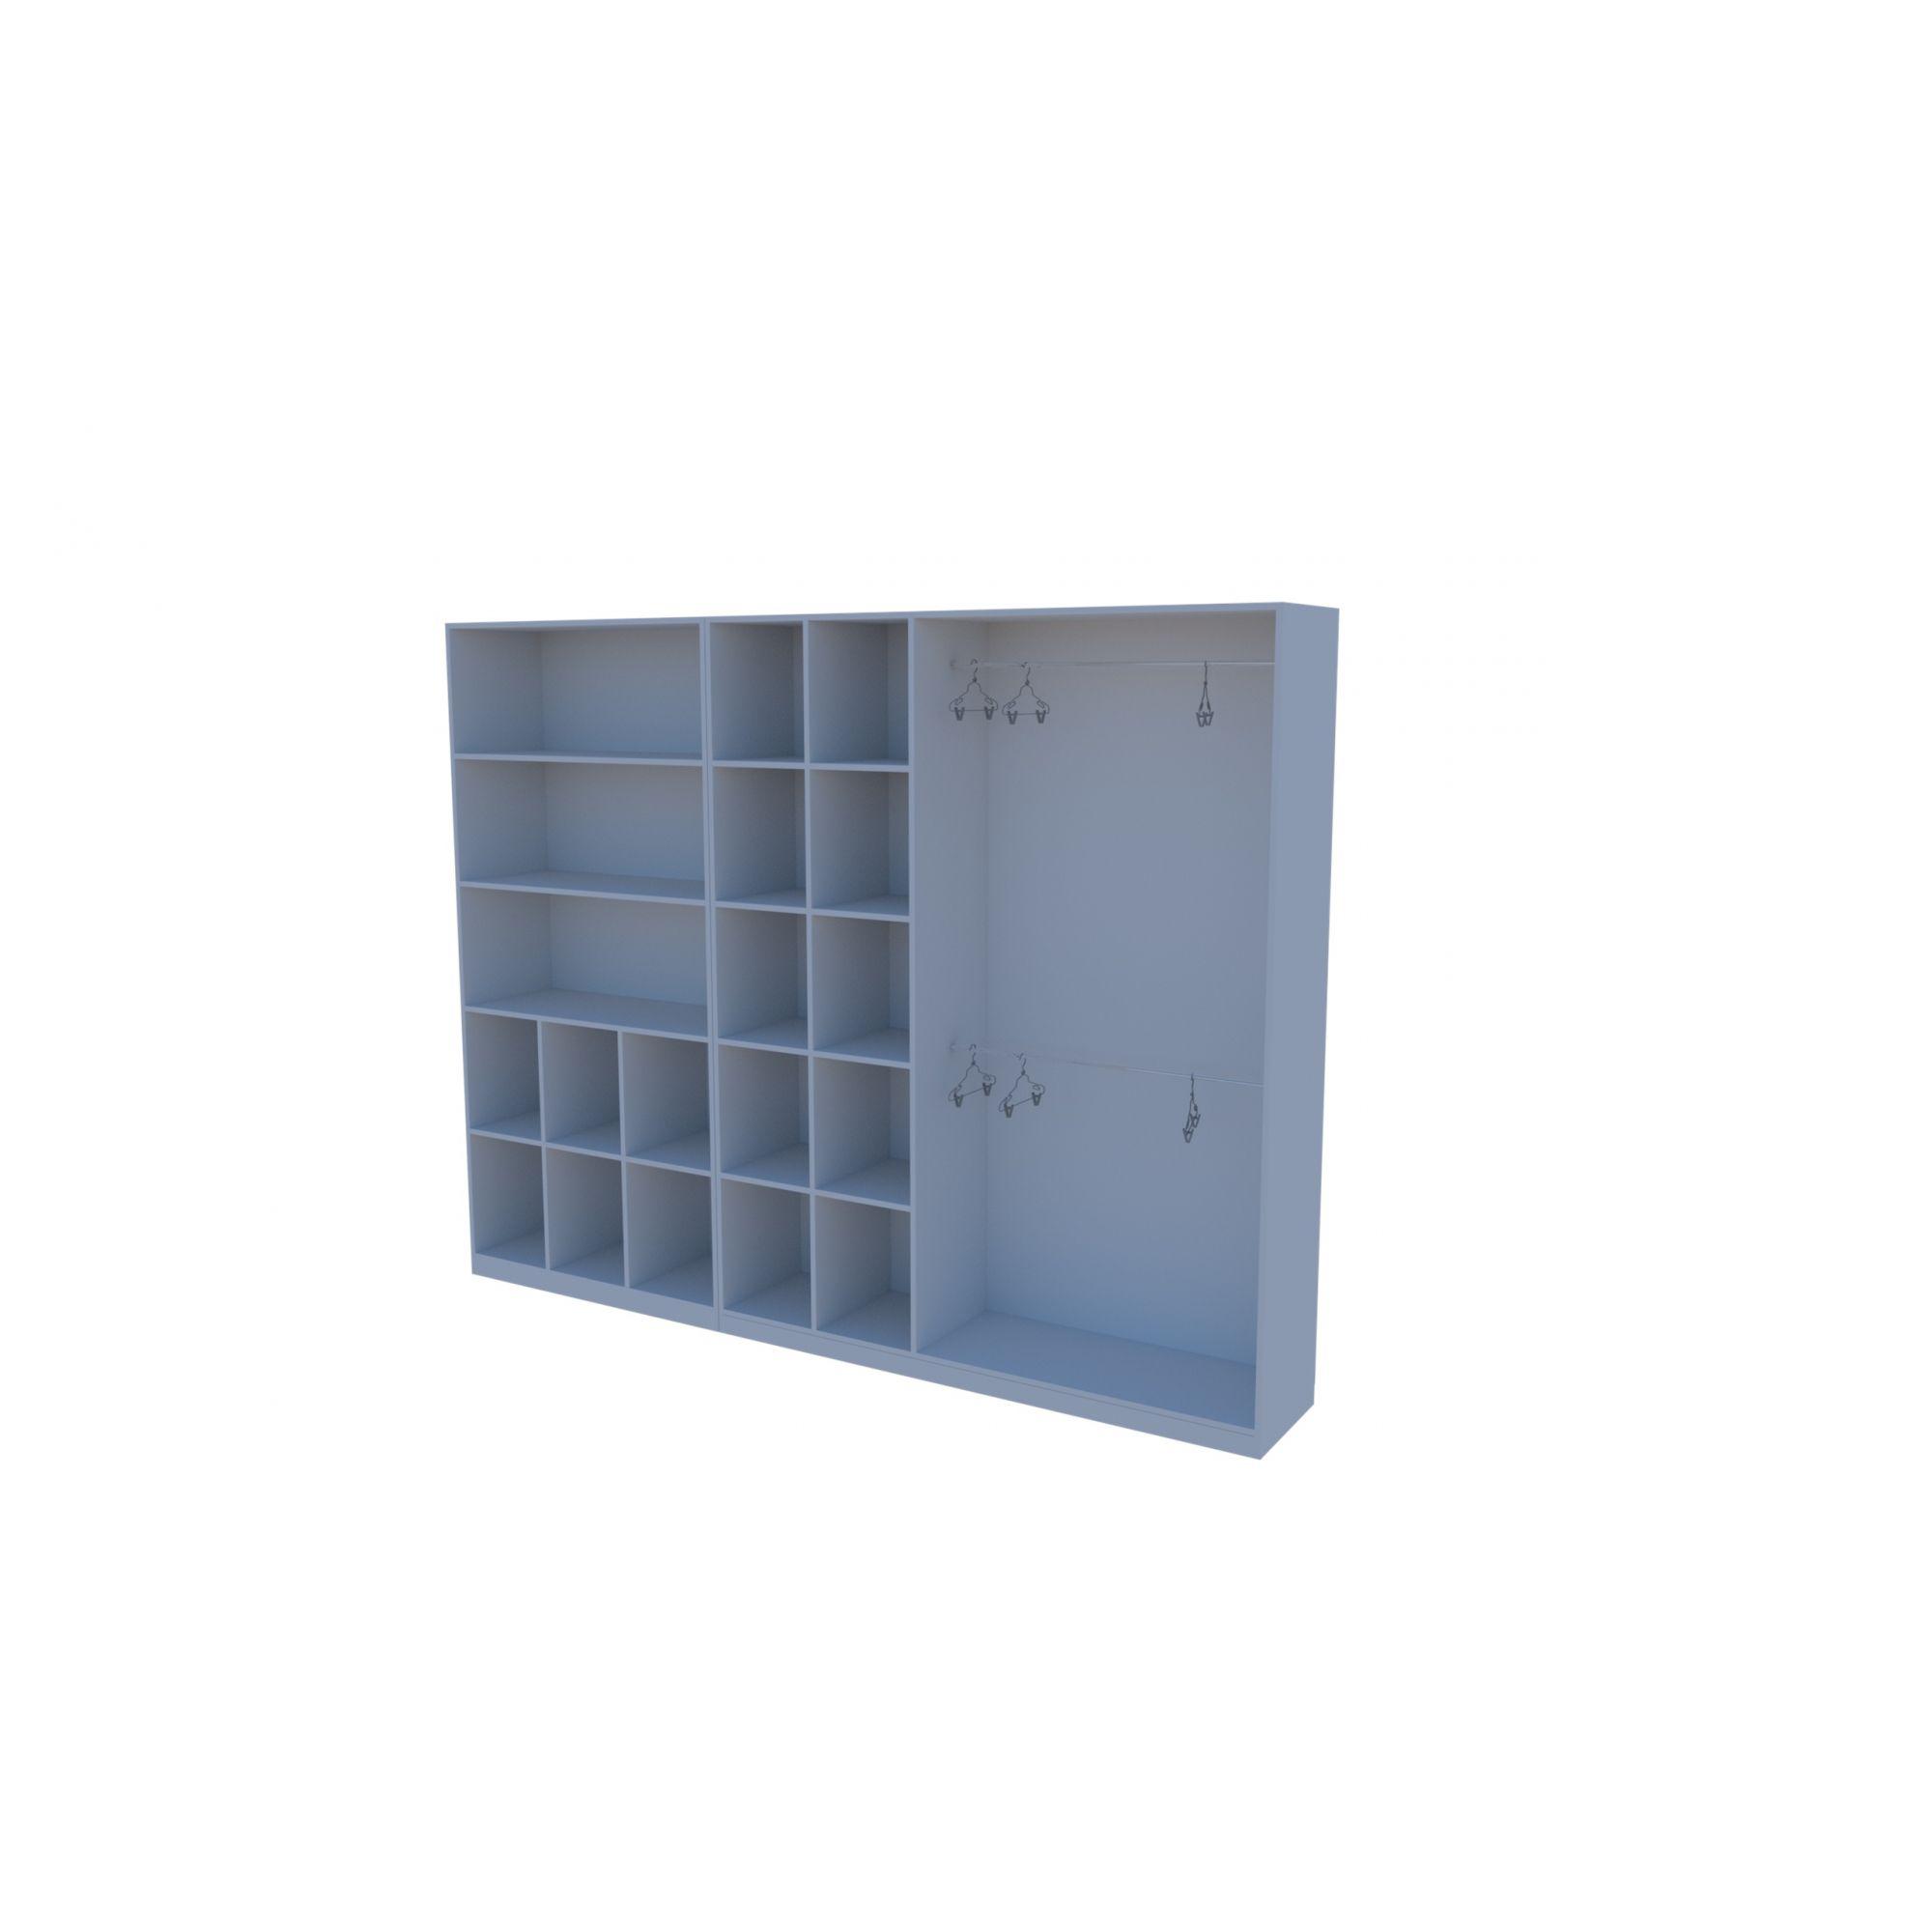 Kit Armário Closet Modulado M3 (colmeia, loja, Expositor, sapateira, roupa, organizador)